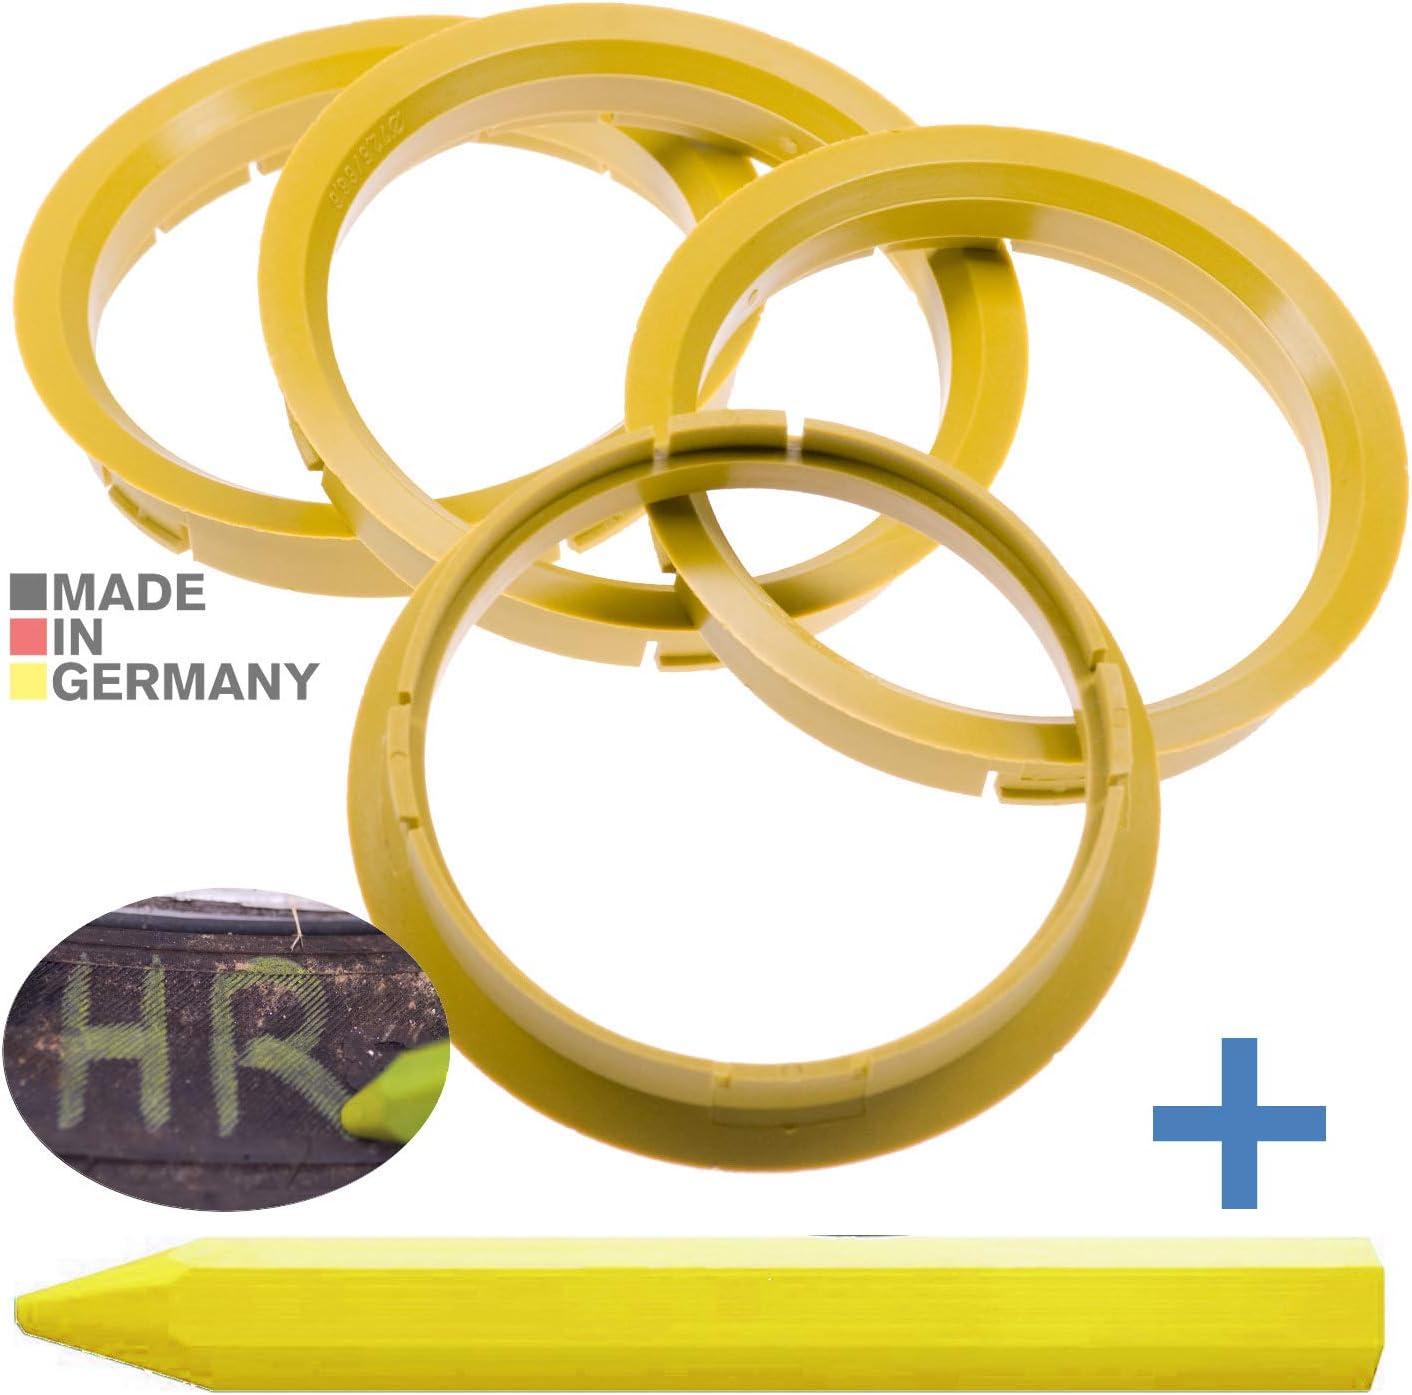 4x Zentrierringe Gelb 72 5 Mm X 66 6 Mm 1x Reifen Kreide Fett Stift Auto